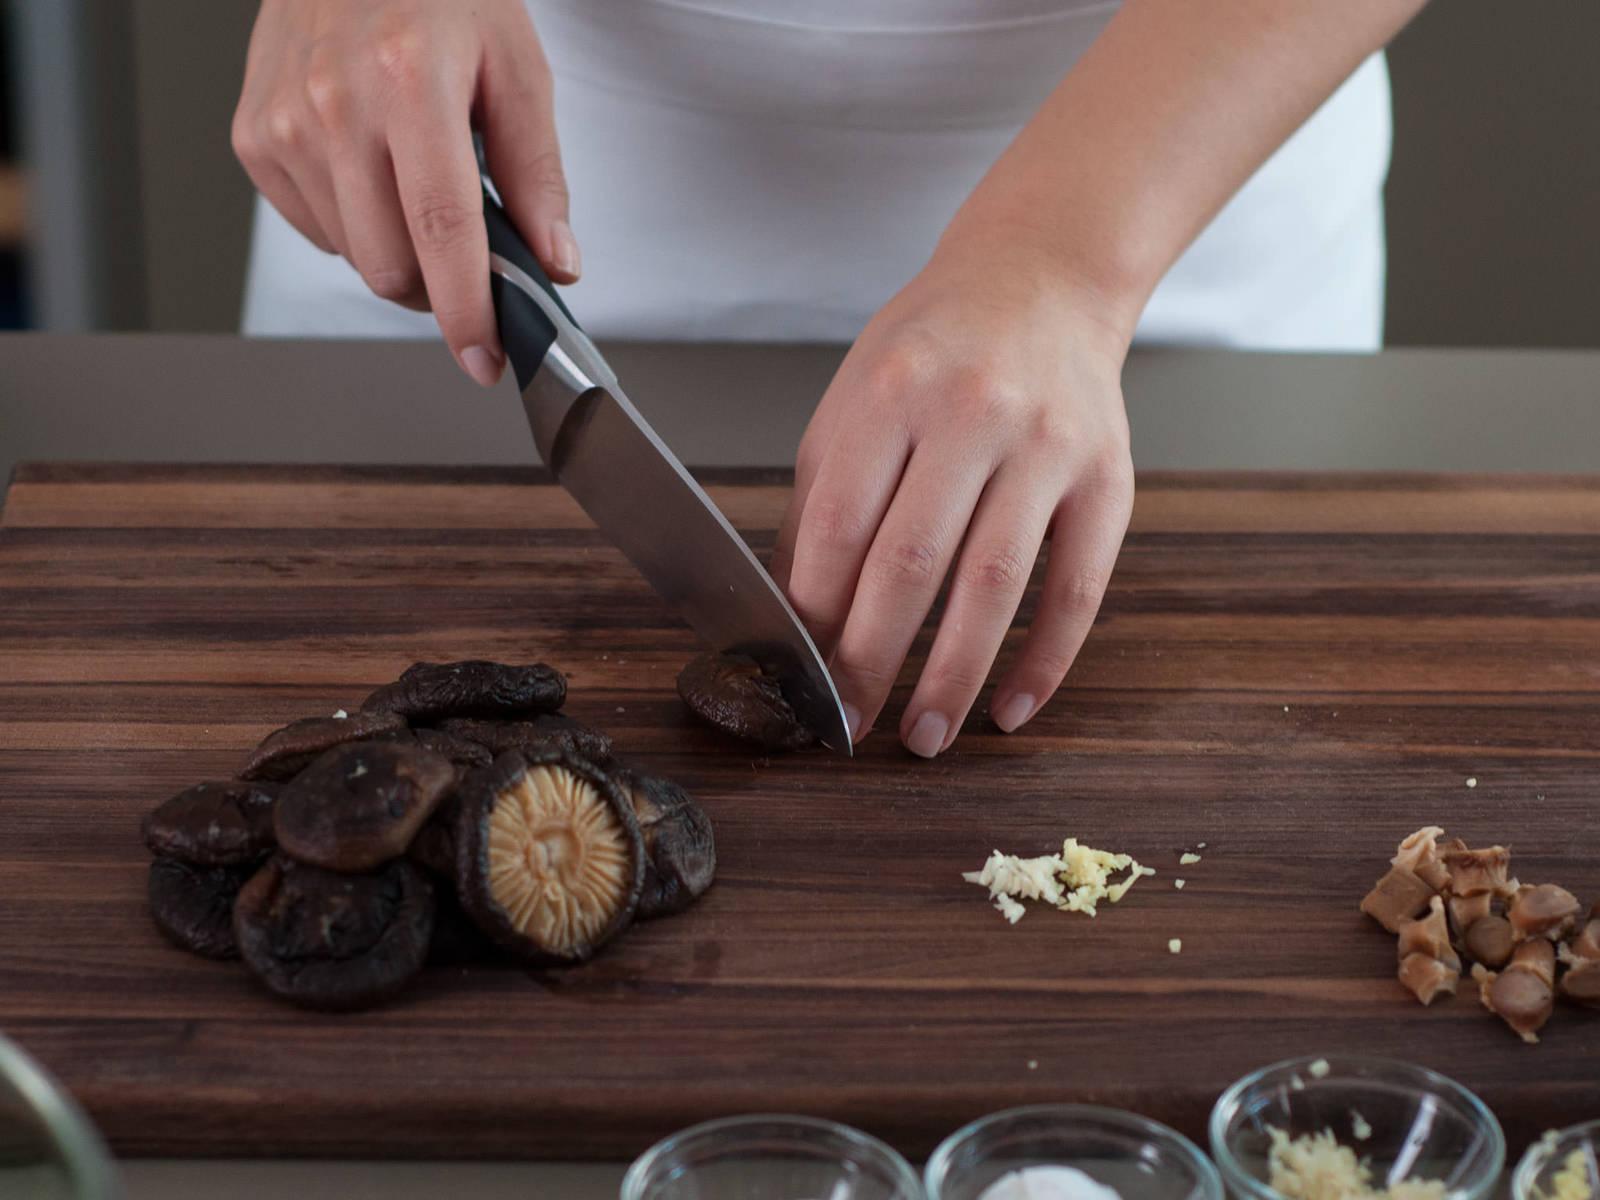 In einer großen Schlüssel getrocknete Shiitakepilze in heißem Wasser ca. 20. Min einweichen, bis die Kappen weich sind. Wasser aufbewahren. Knoblauch und Ingwer hacken. Pilzstiele entfernen und ein Kreuz in die Hüte schneiden.